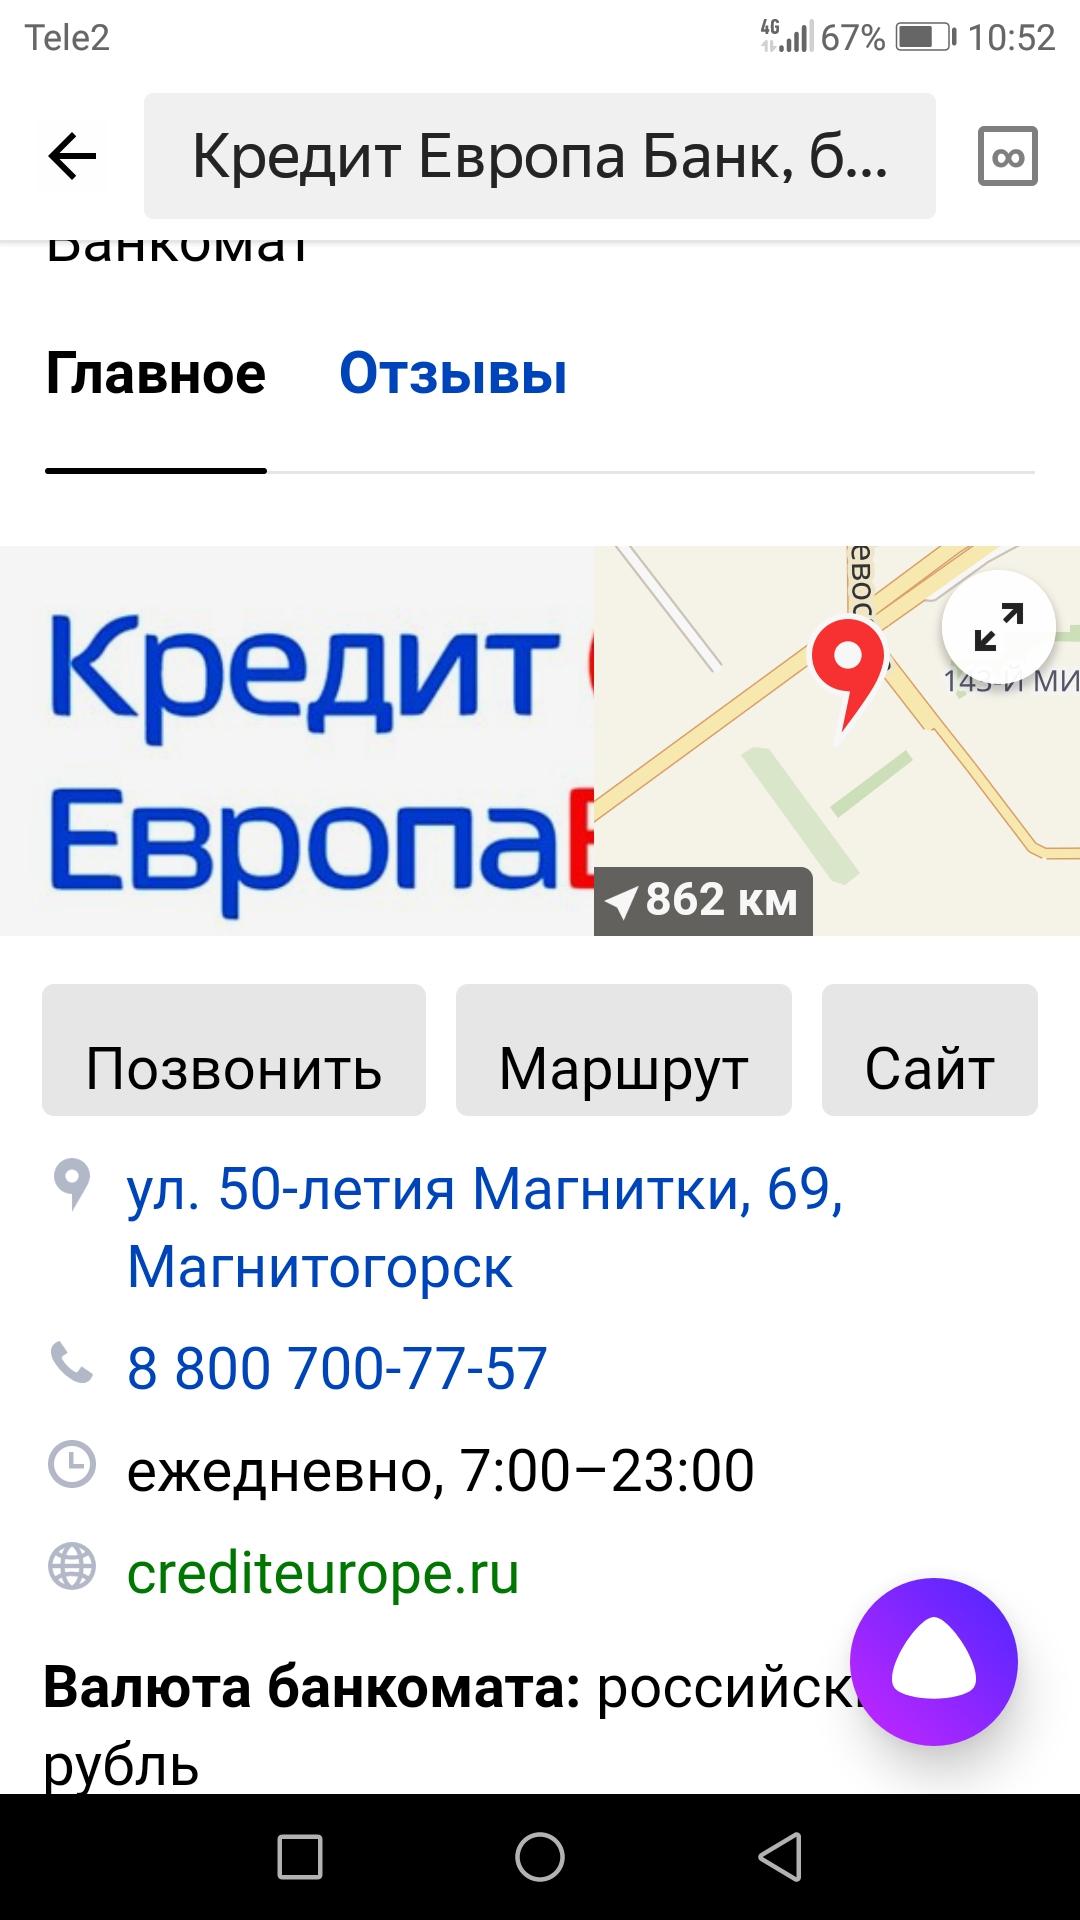 Адрес, Телефон, Режим работы. Екатеринбург 620014, ул.